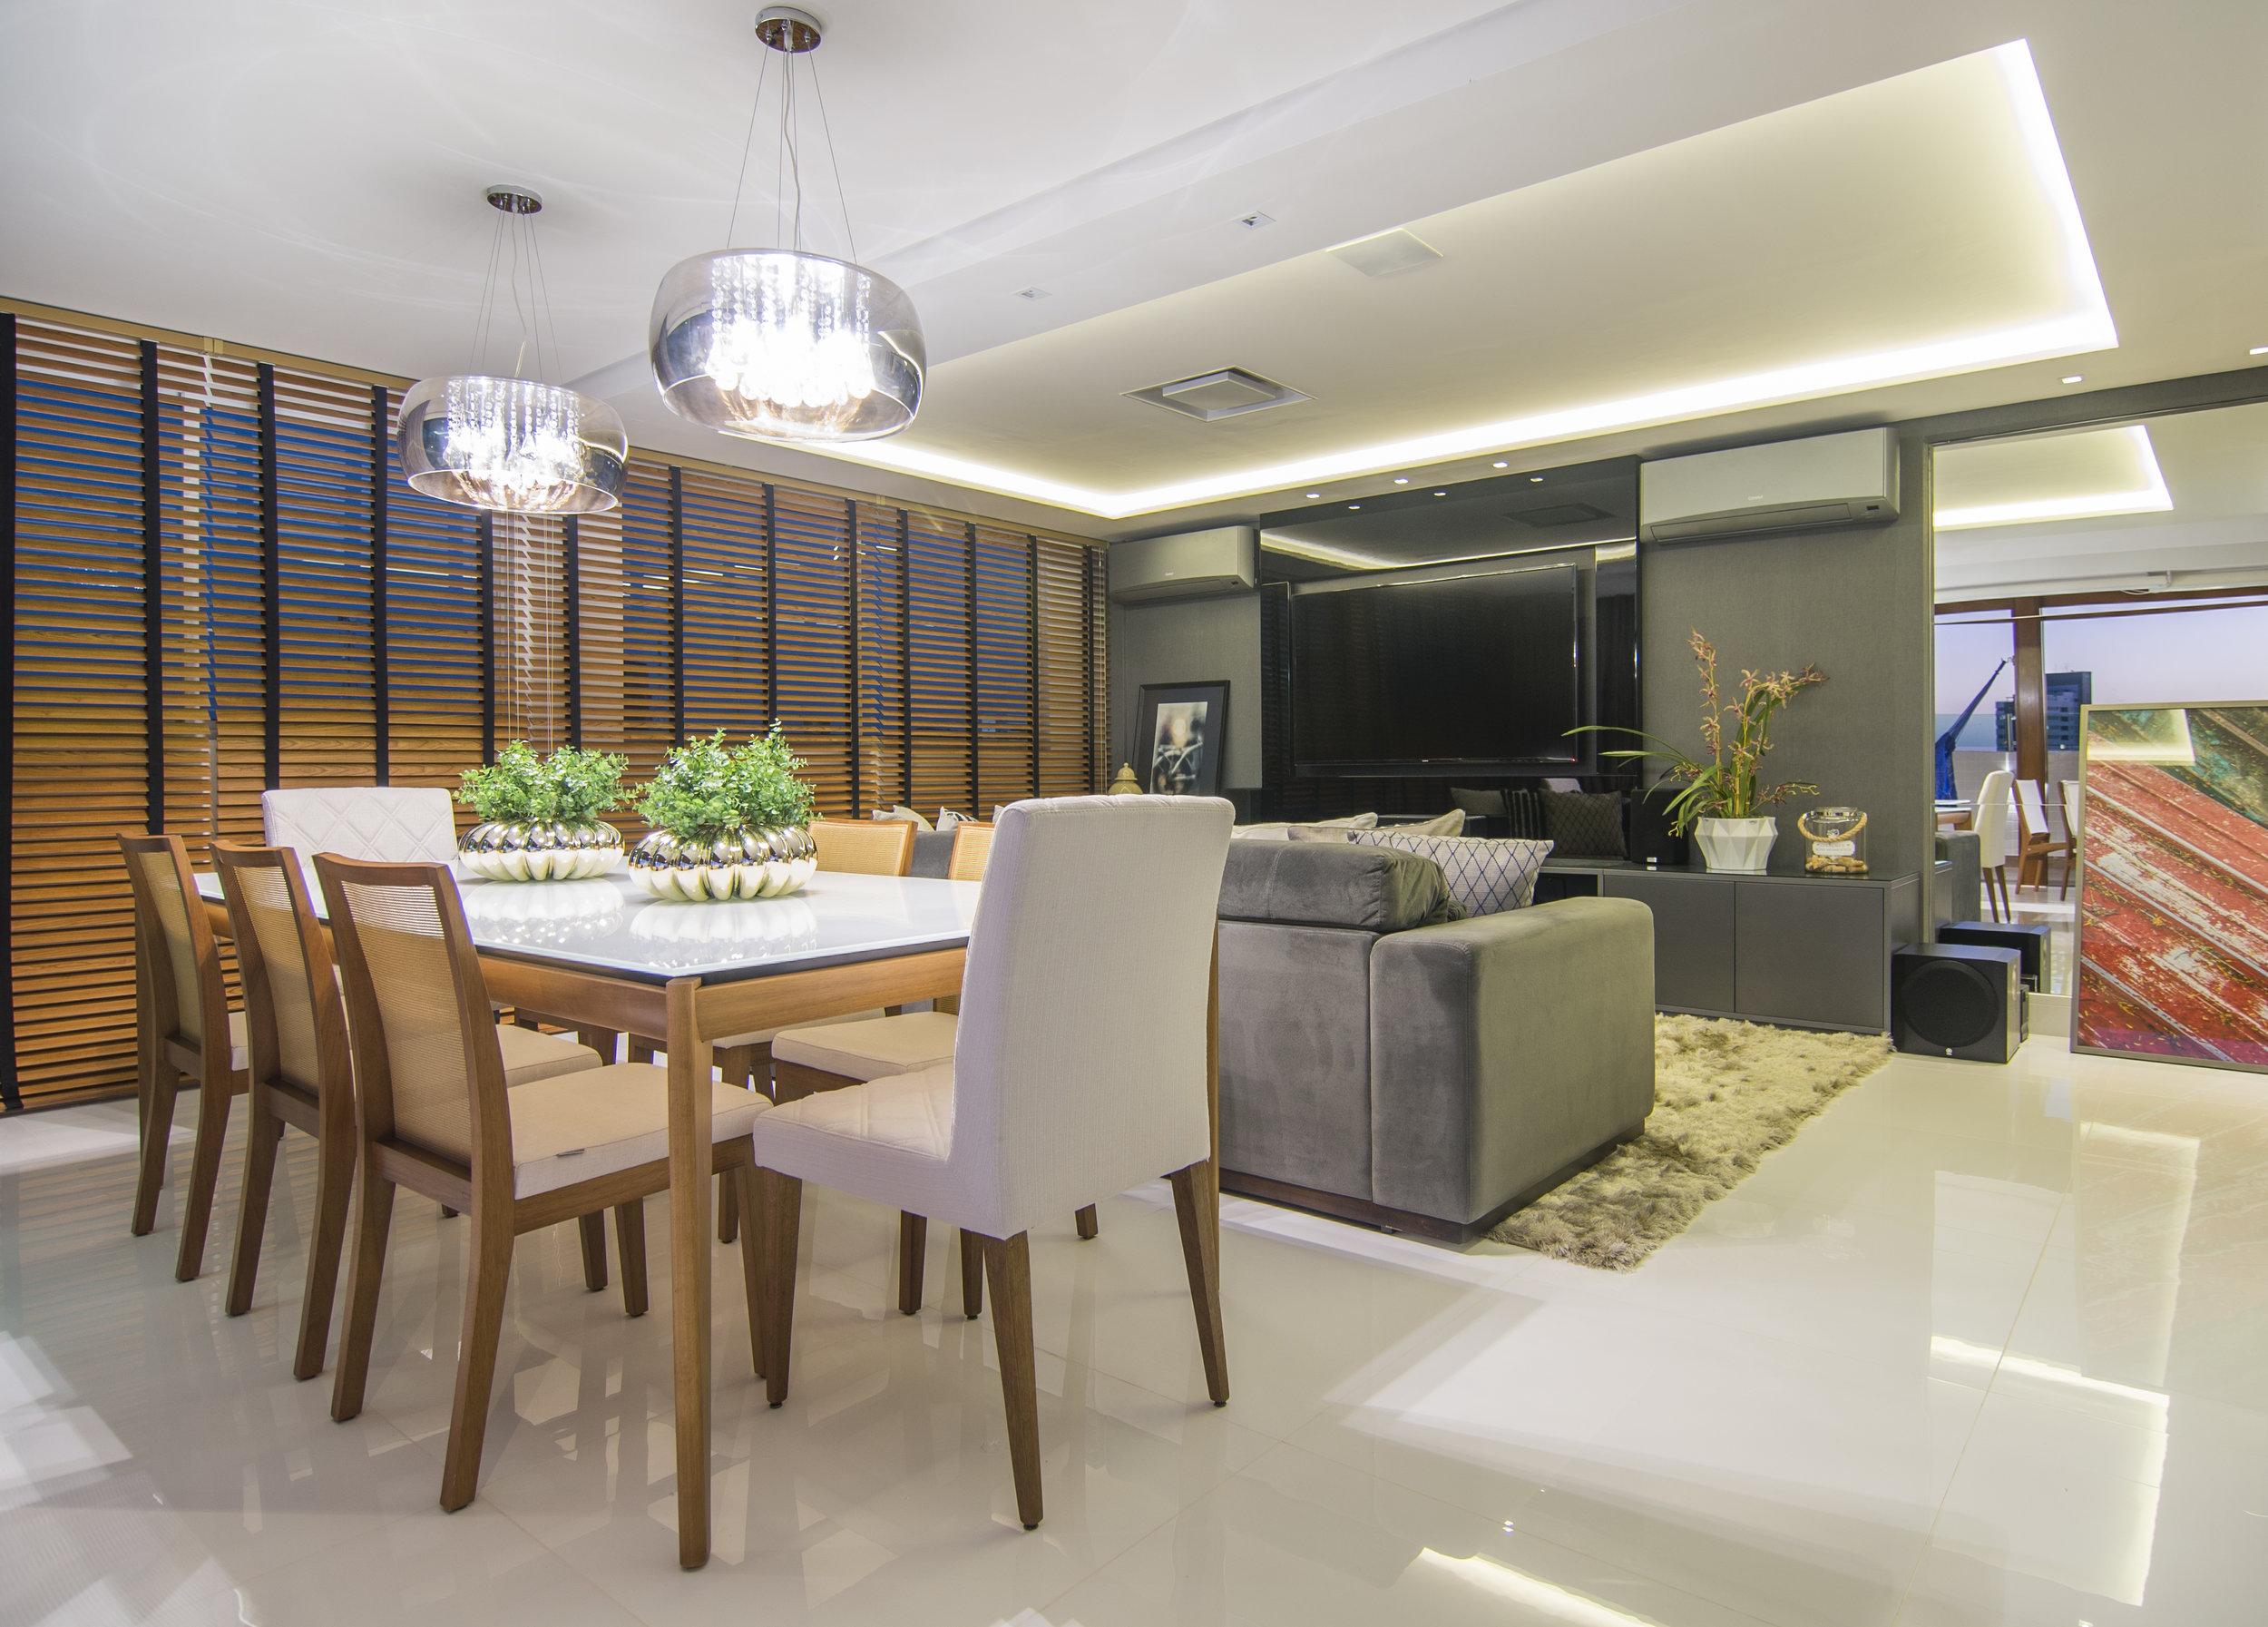 projeto-arquitetonico-robertoindira-duo-arquitetura-apartamentos-gourmet-012.jpg